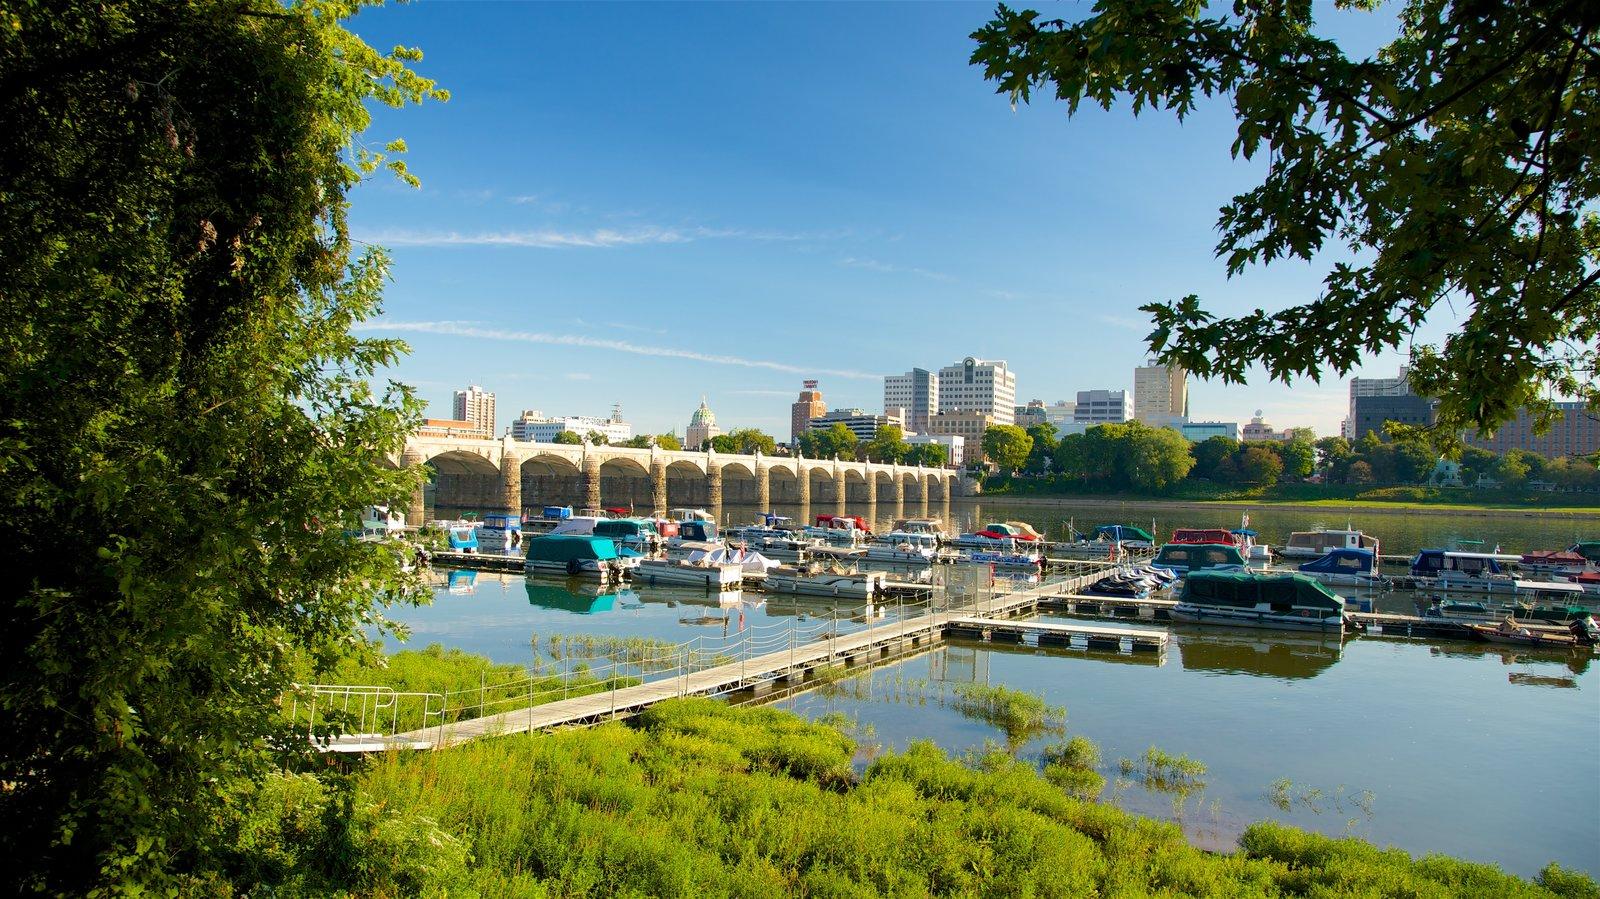 Região central de Pensilvânia mostrando uma baía ou porto, uma ponte e um rio ou córrego